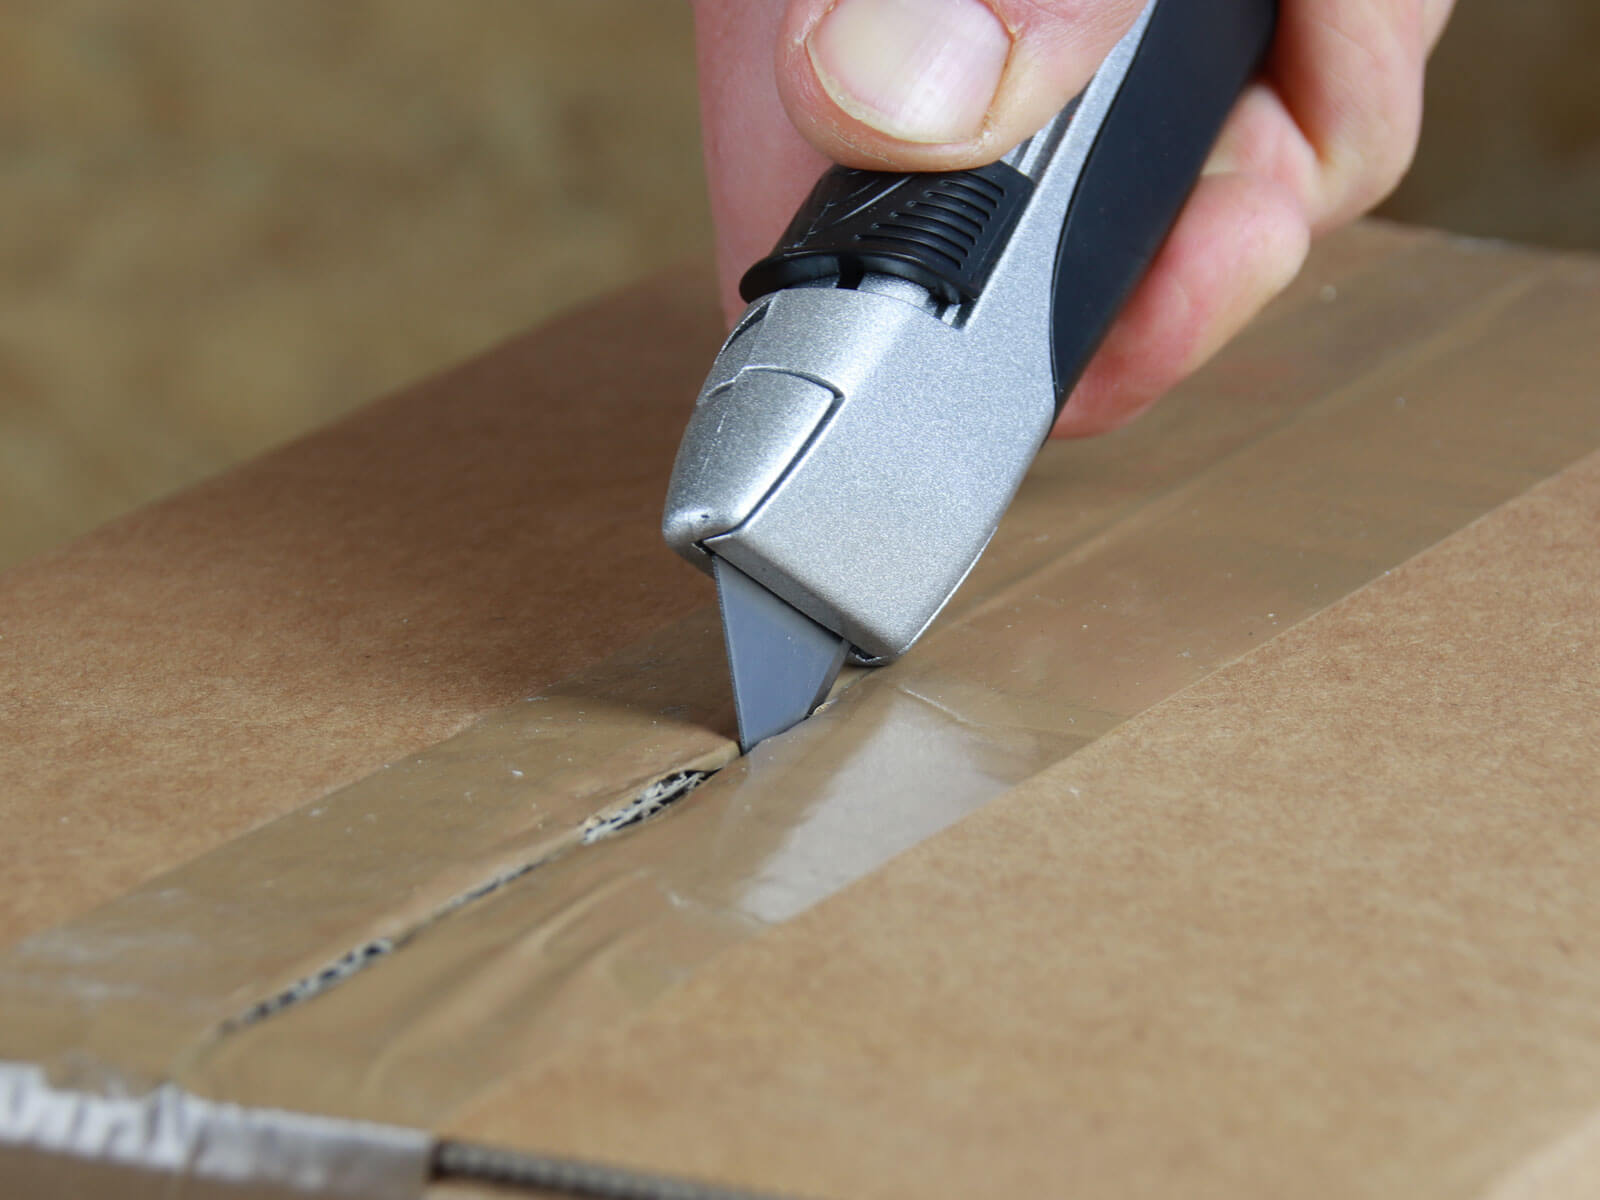 U004 Sicherheitsmesser vollautomatischer Klingenrückzug Klebeband schneiden CURT-tools